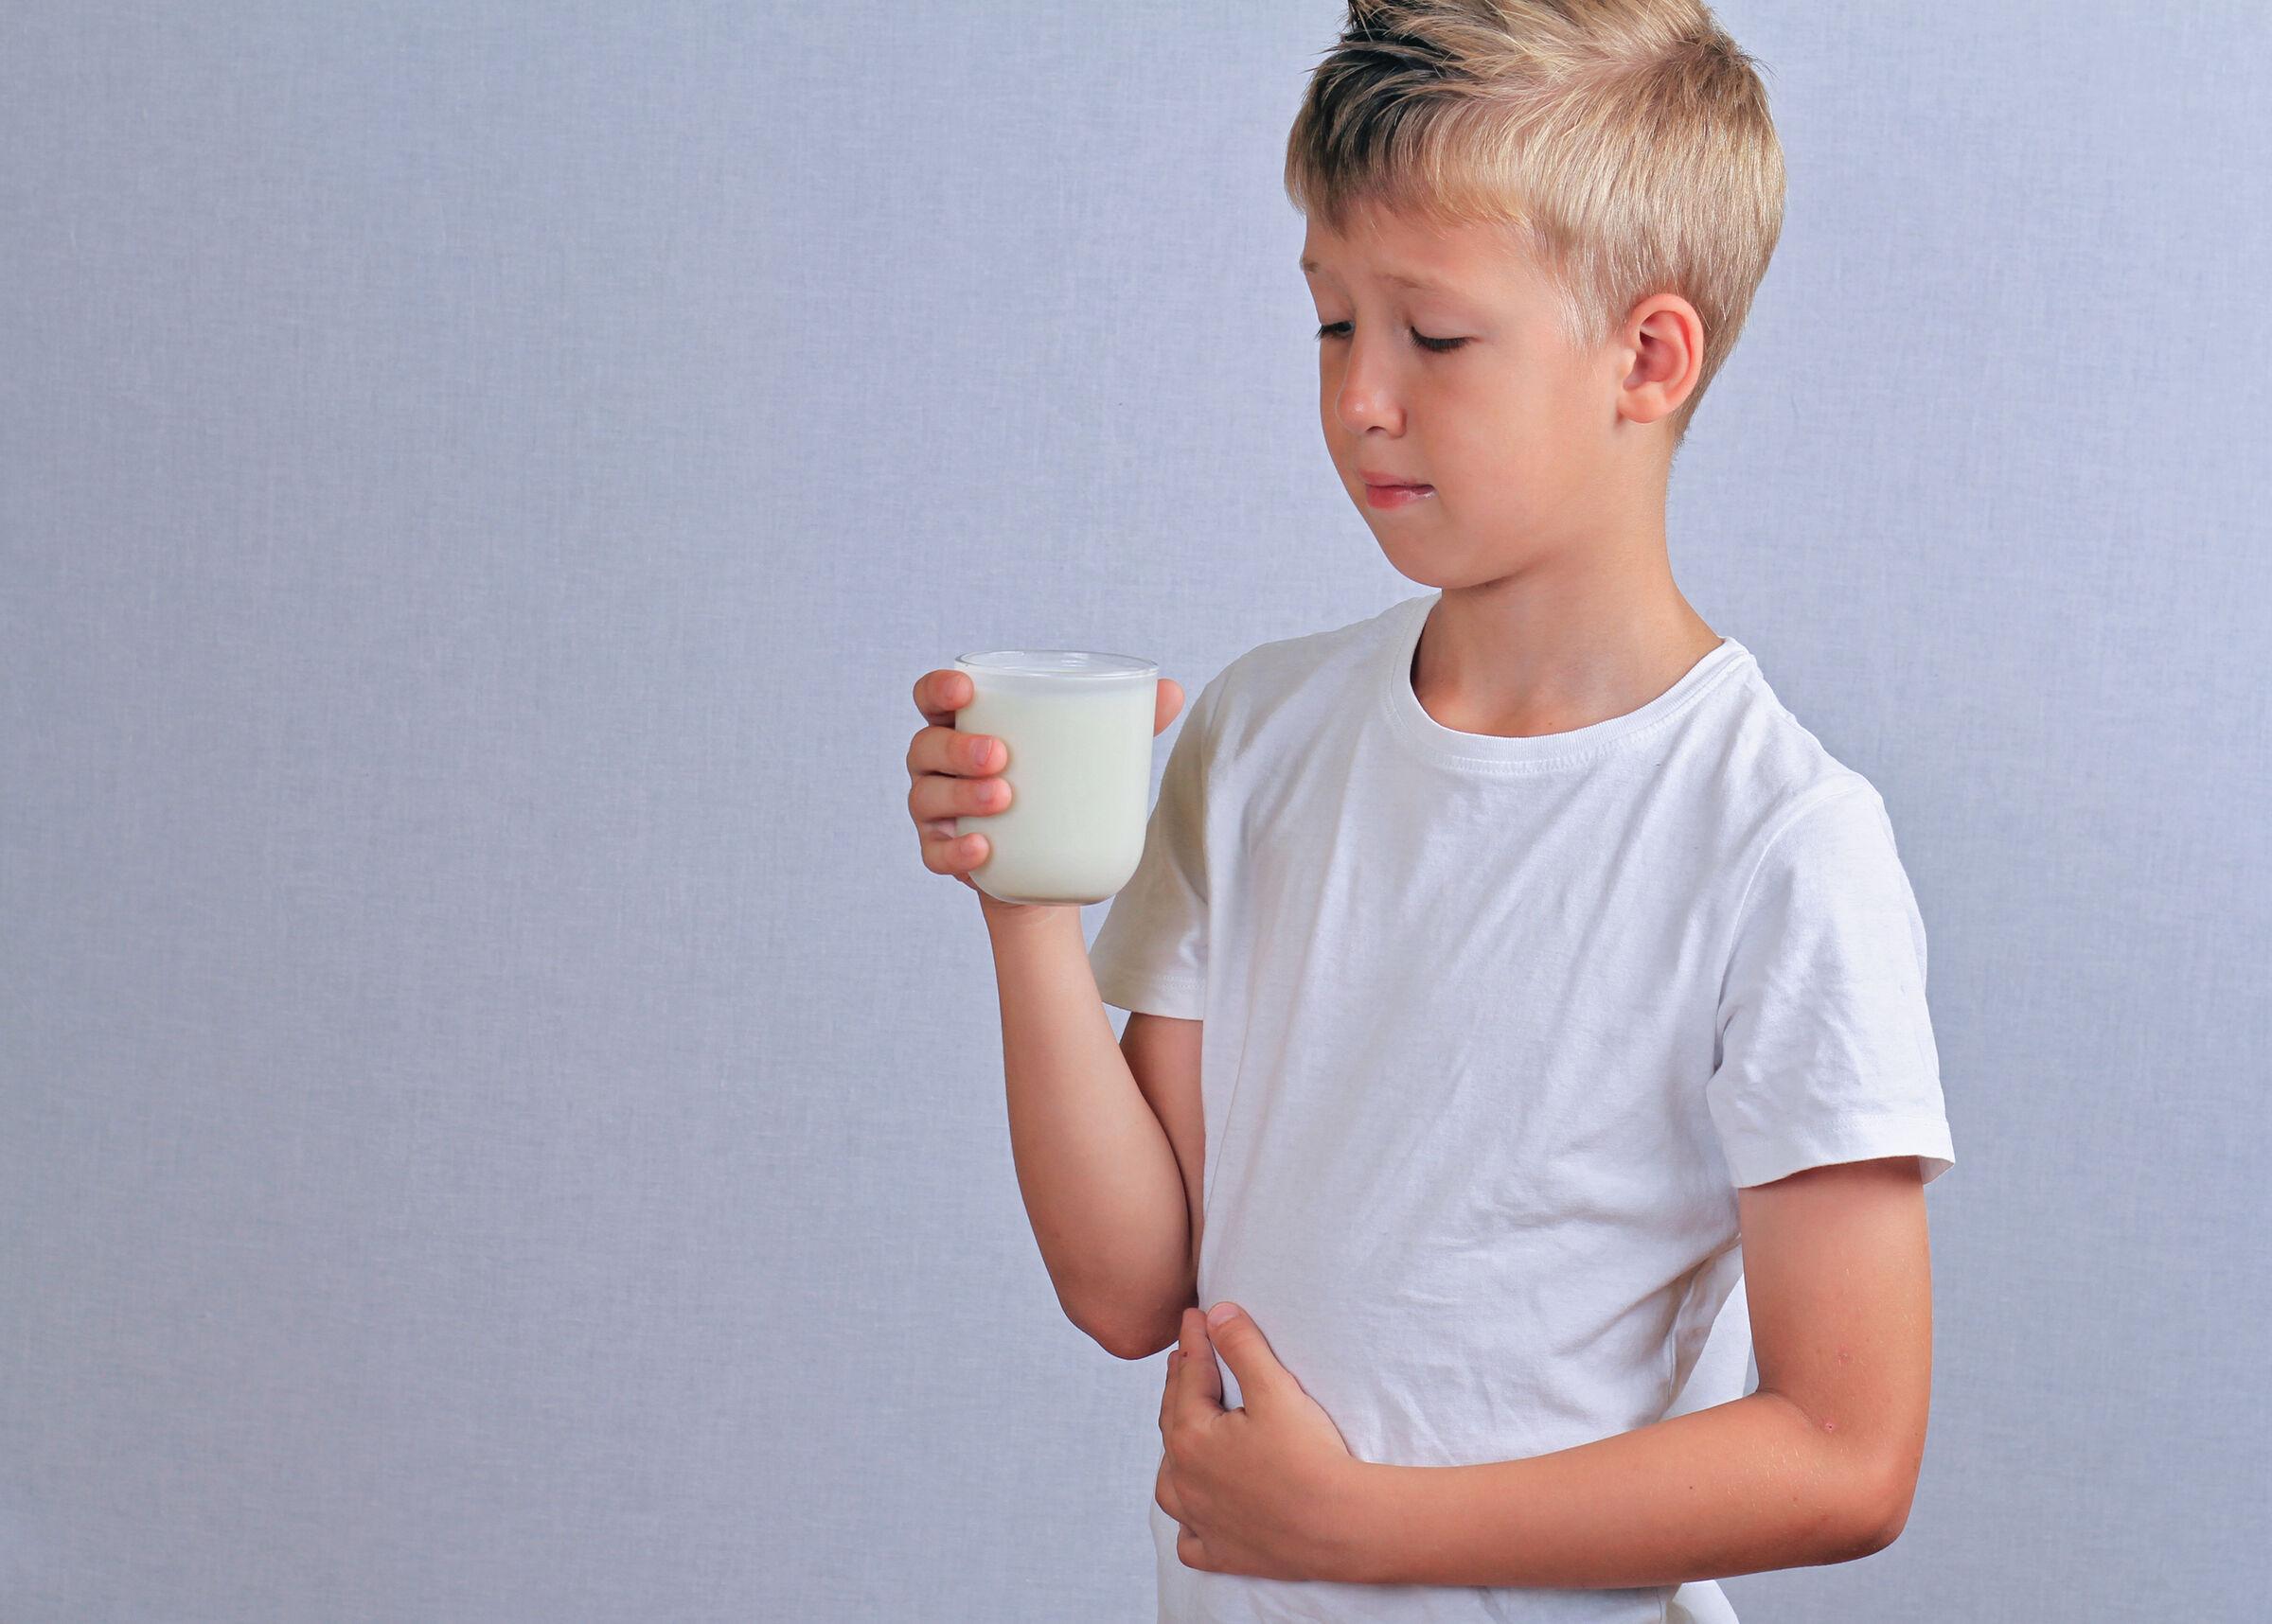 Criança com a mão na barriga e copo de leite da mão